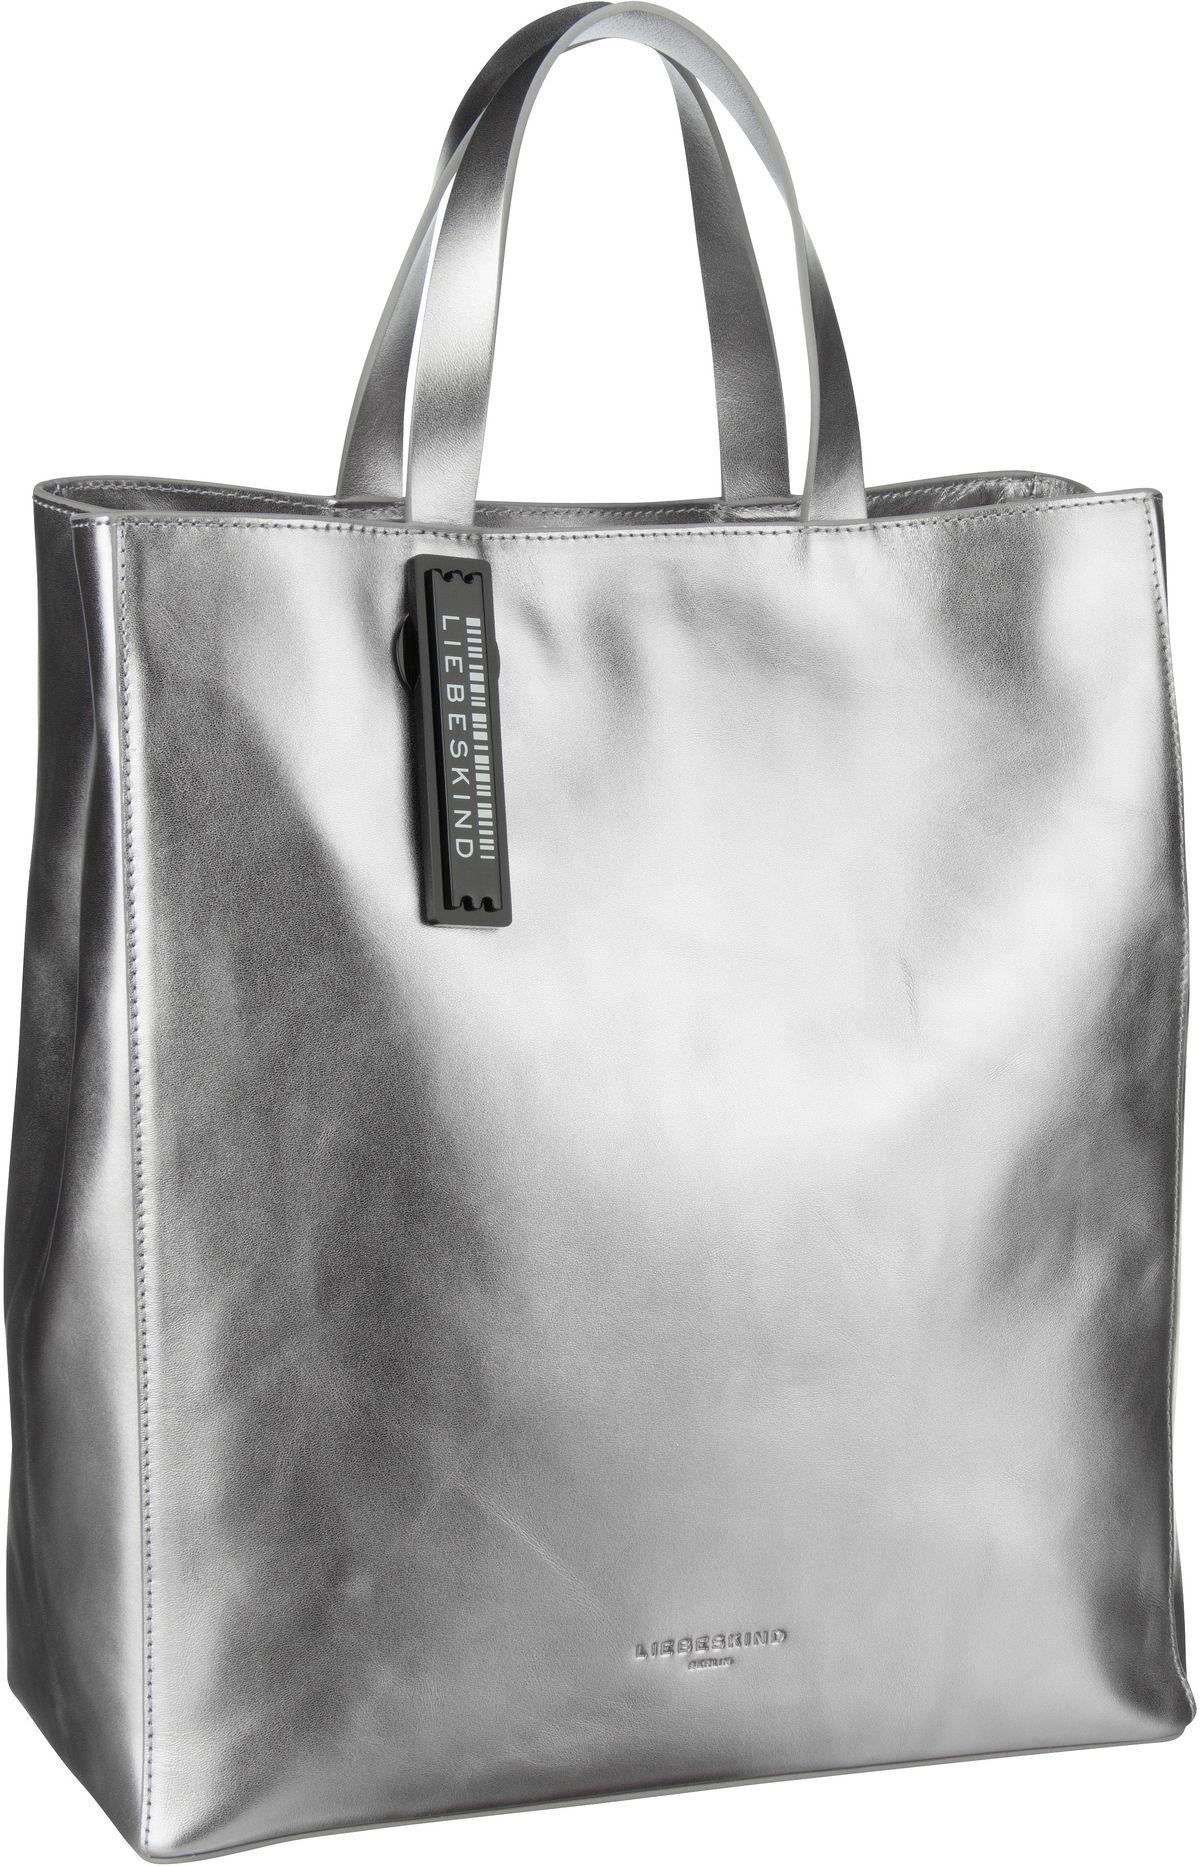 Berlin Handtasche Metallic Paper Bag Tote M Silver